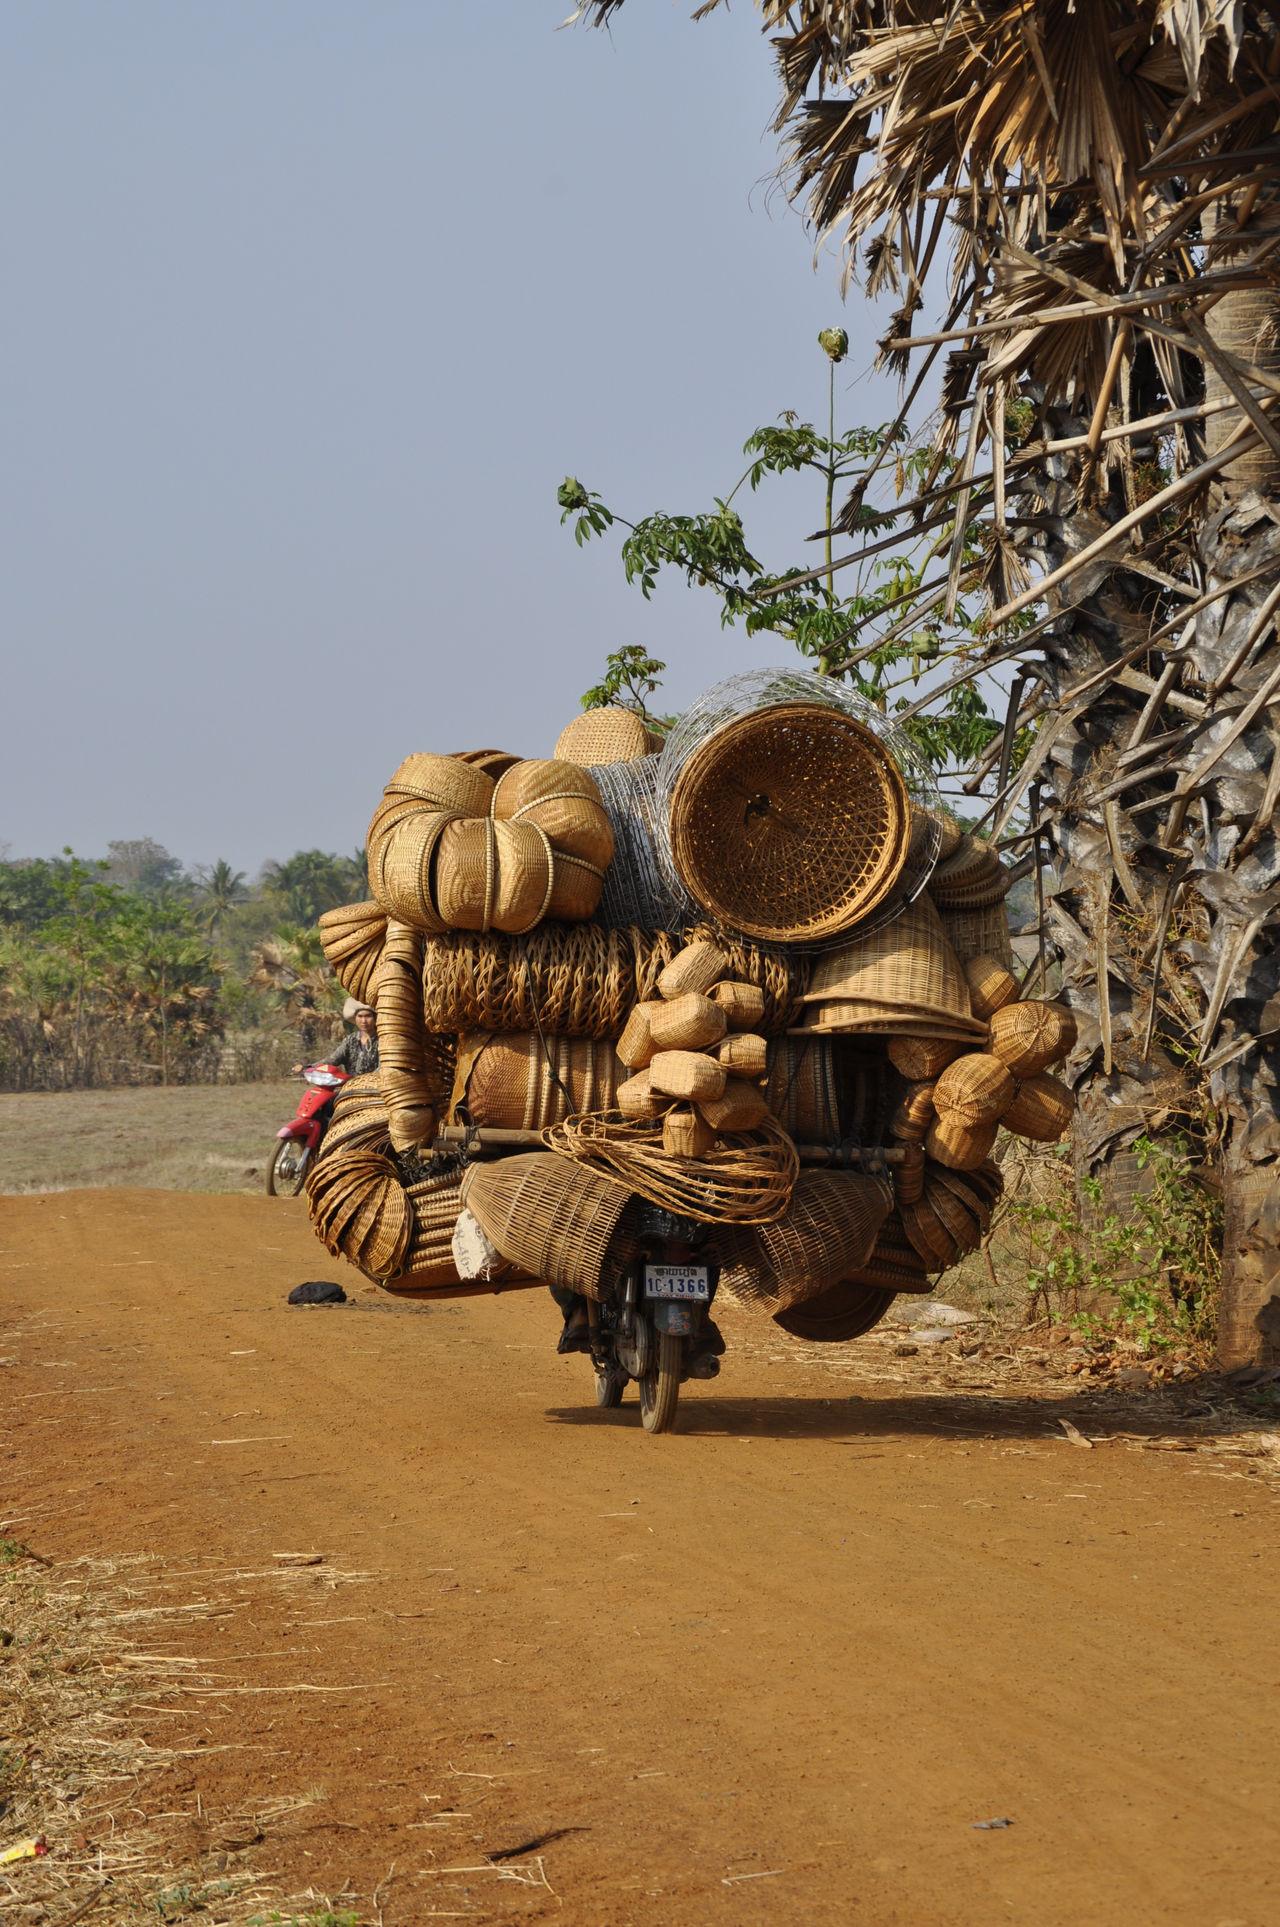 Marchand ambulant de paniers en osier sur les routes du Cambodge Cambodge Marchand Osier Panier Paysage Route Transport Travel Velos